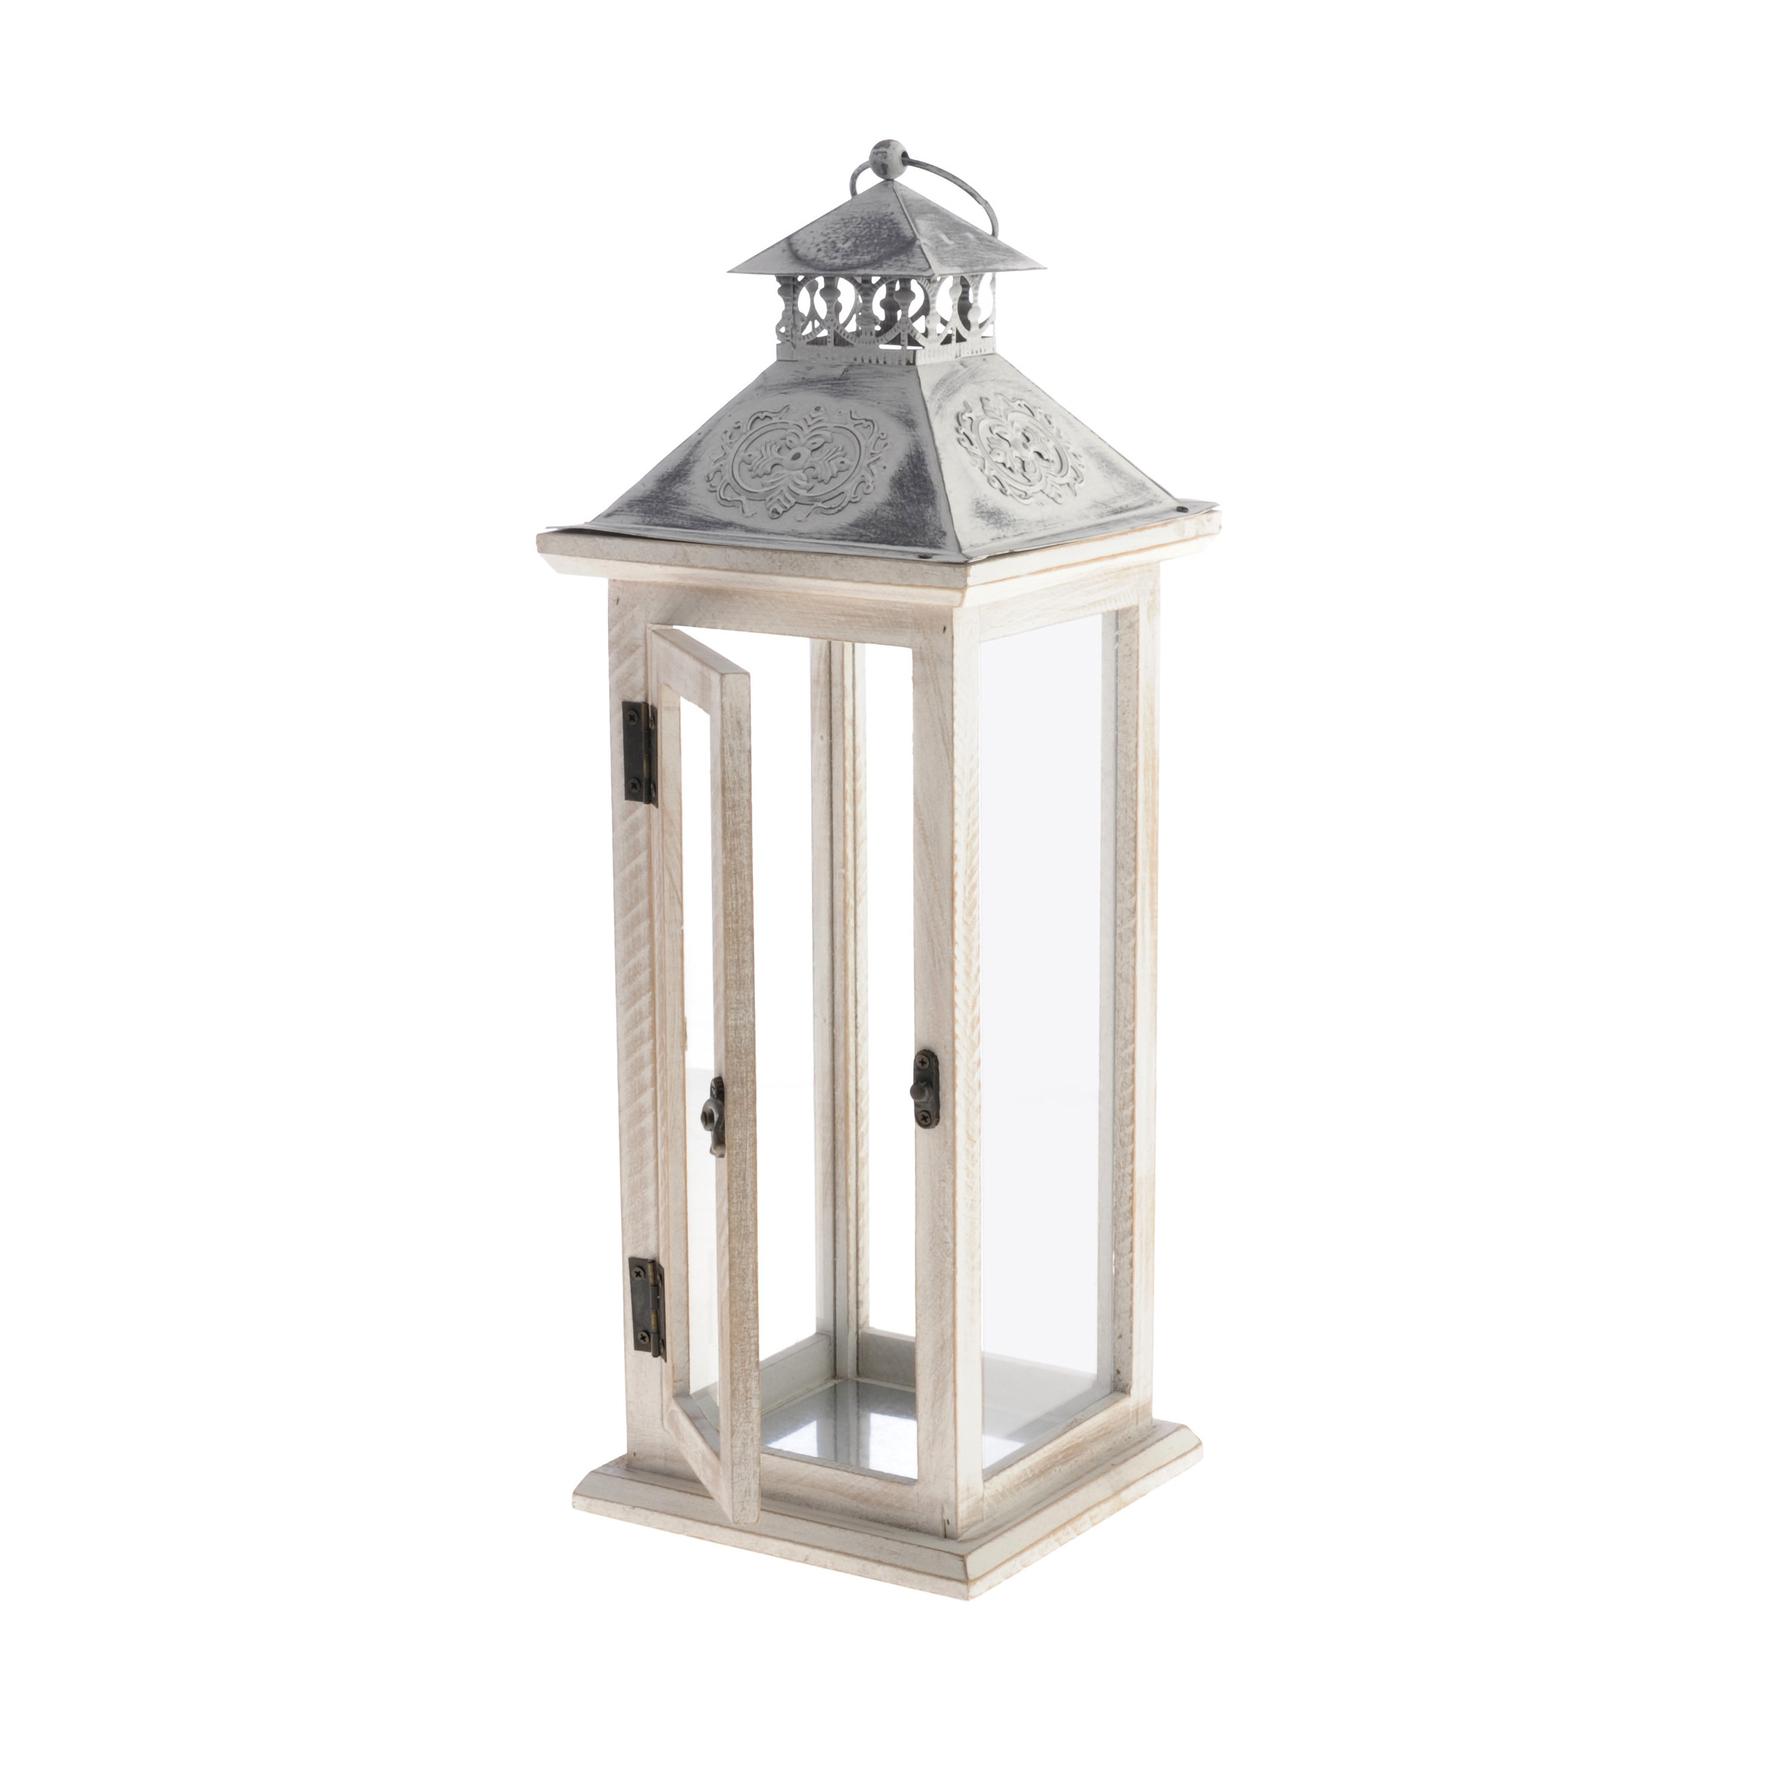 LATARNIA BIAŁA Lampion XL drewniana świecznik